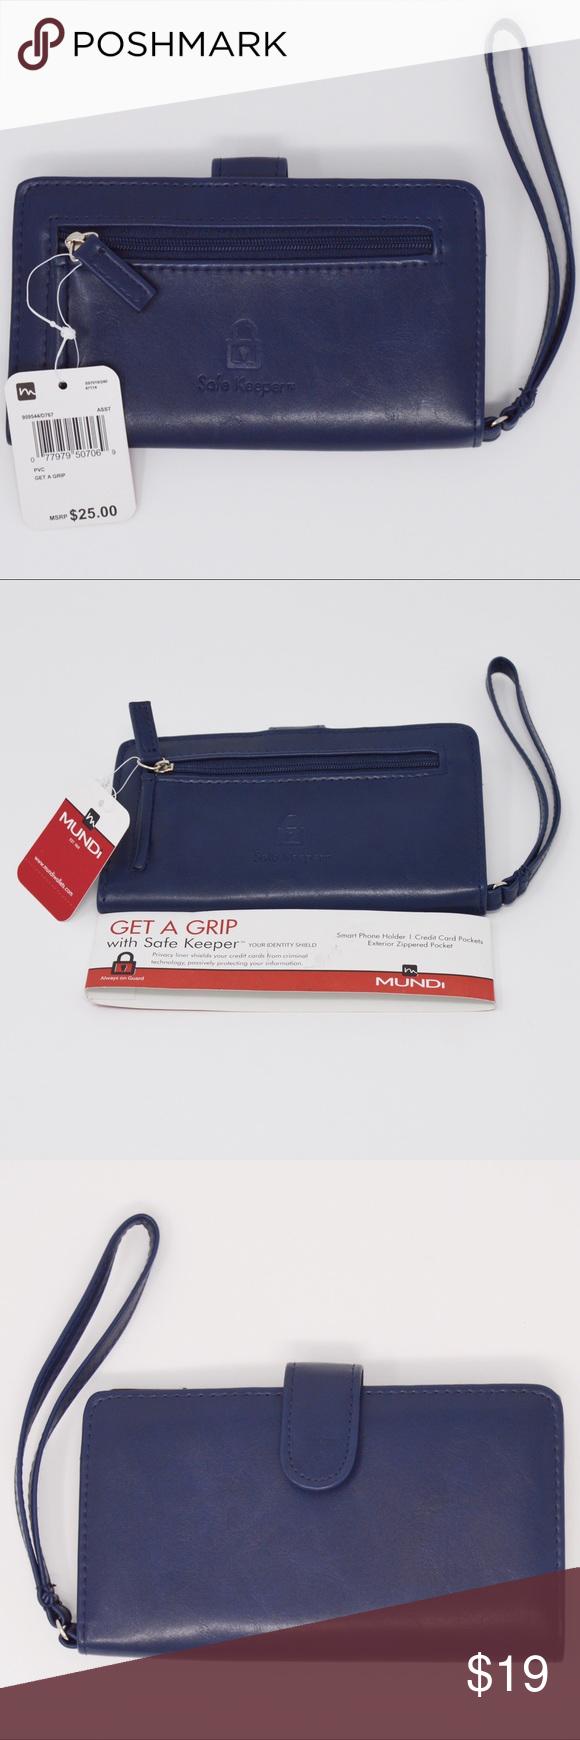 Mundi Safe Keepers Card Phone Wallet Wristlet Phone